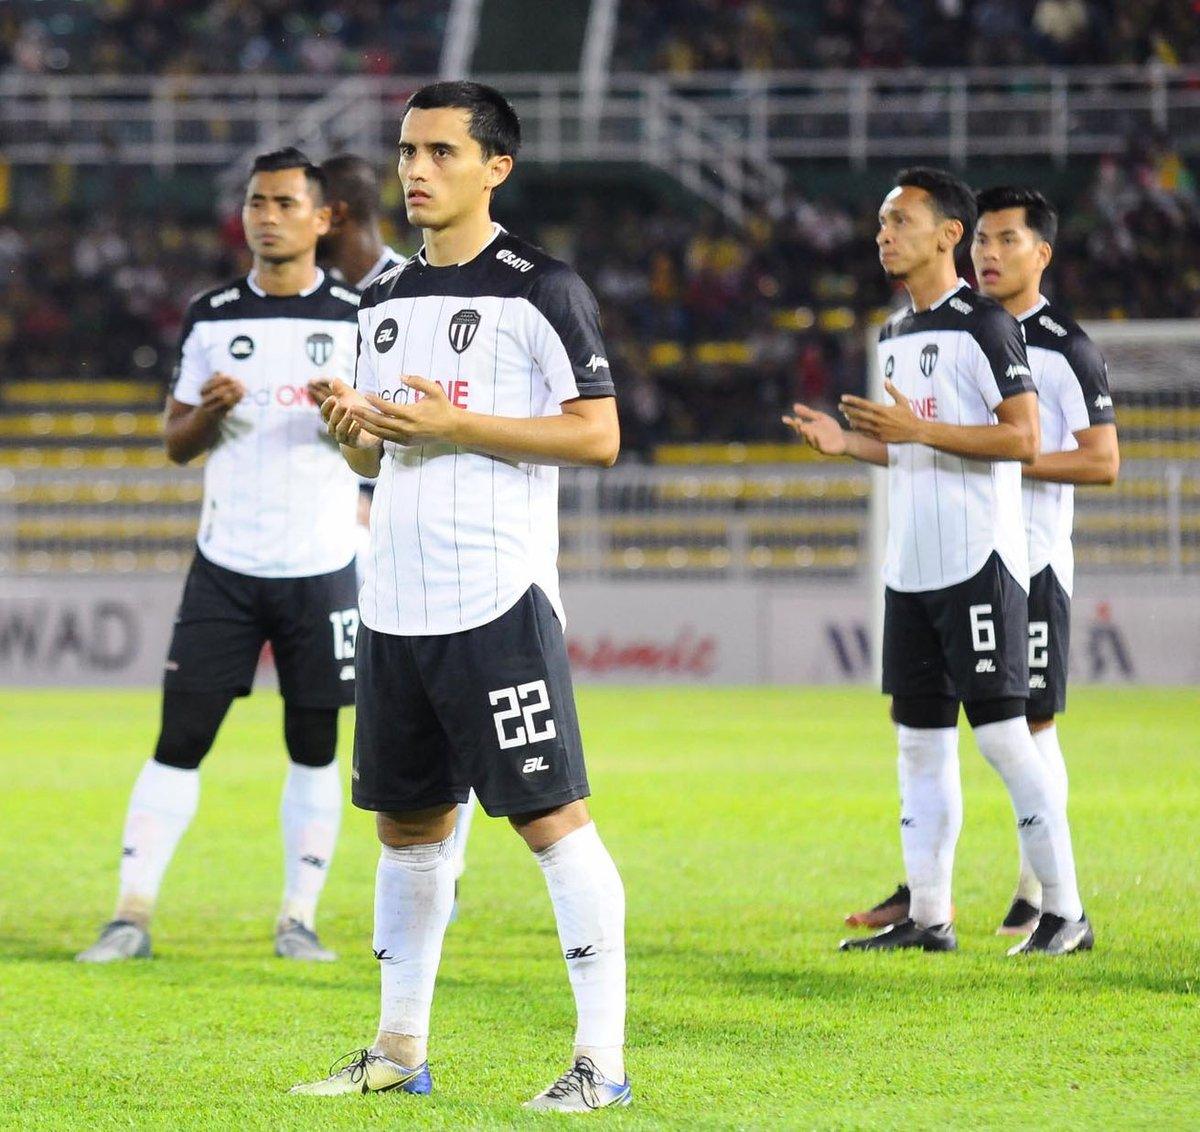 """Terengganu Football Club on Twitter: """"Kemasukan Azalinullah pada ..."""